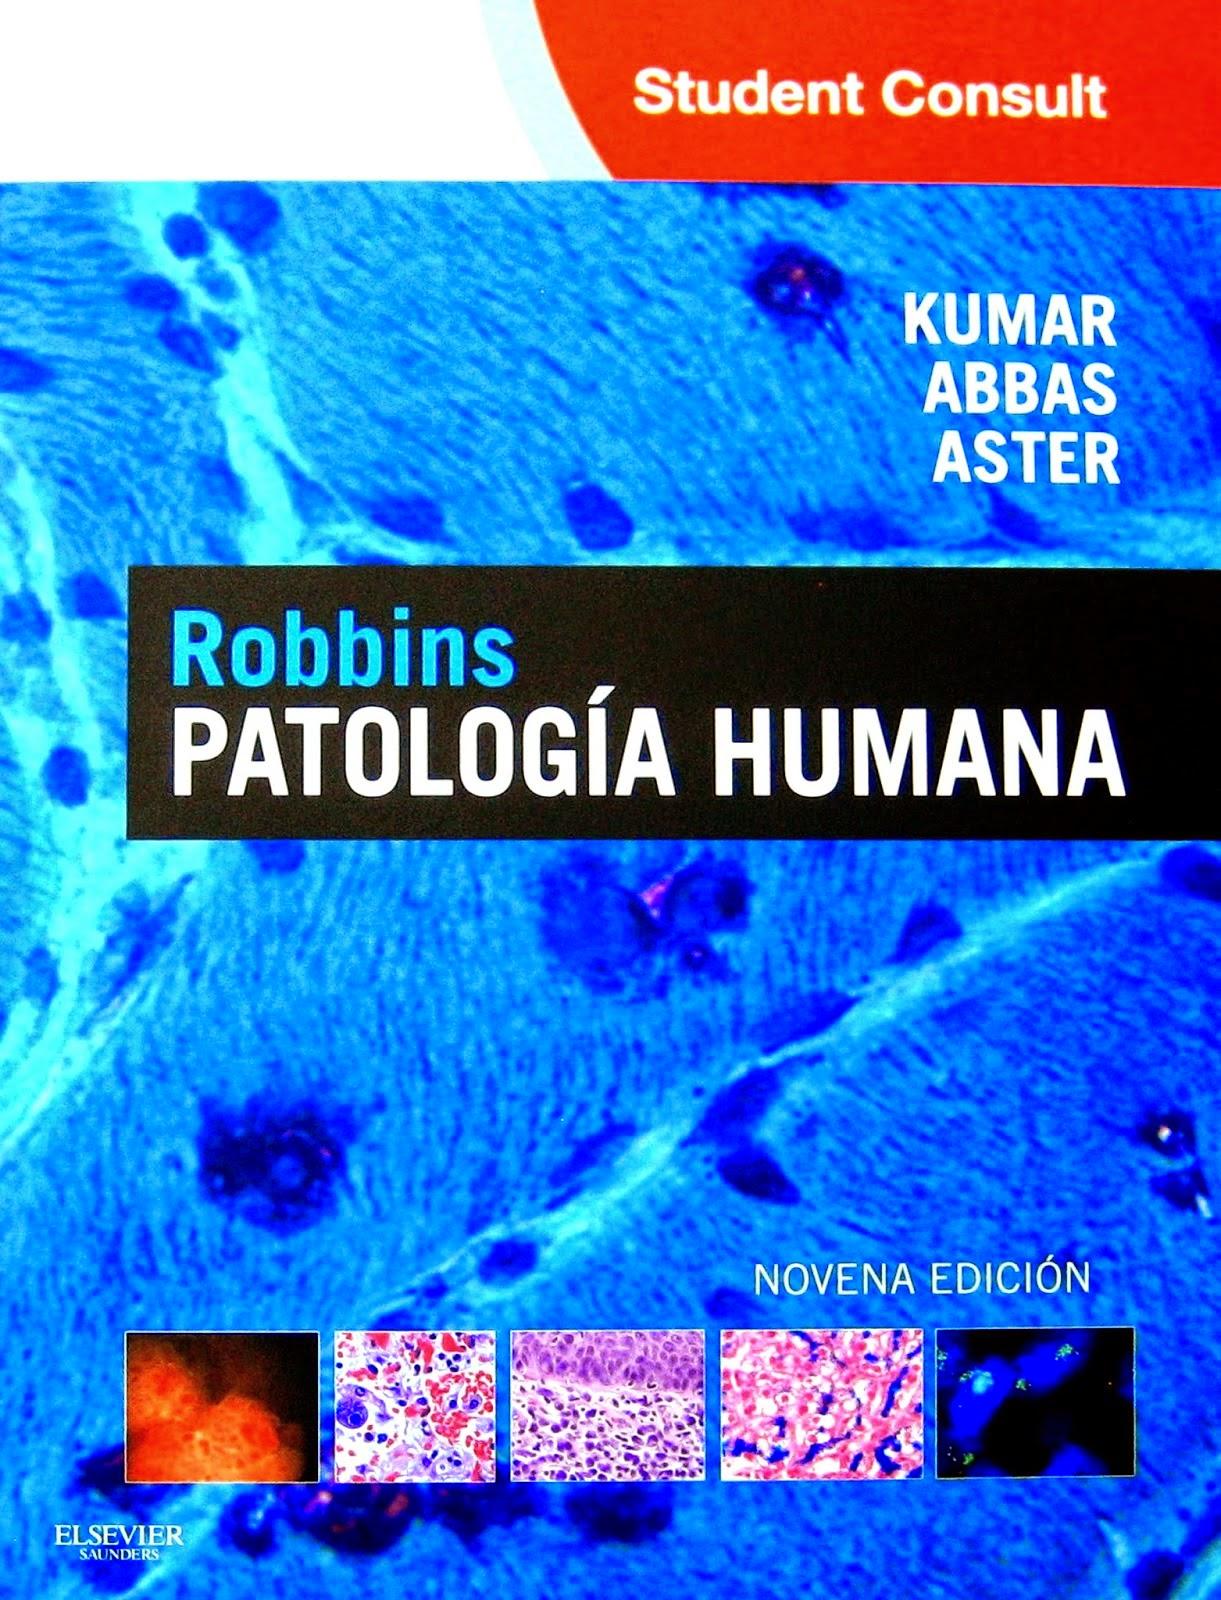 atlas de patologia humana pdf gratis